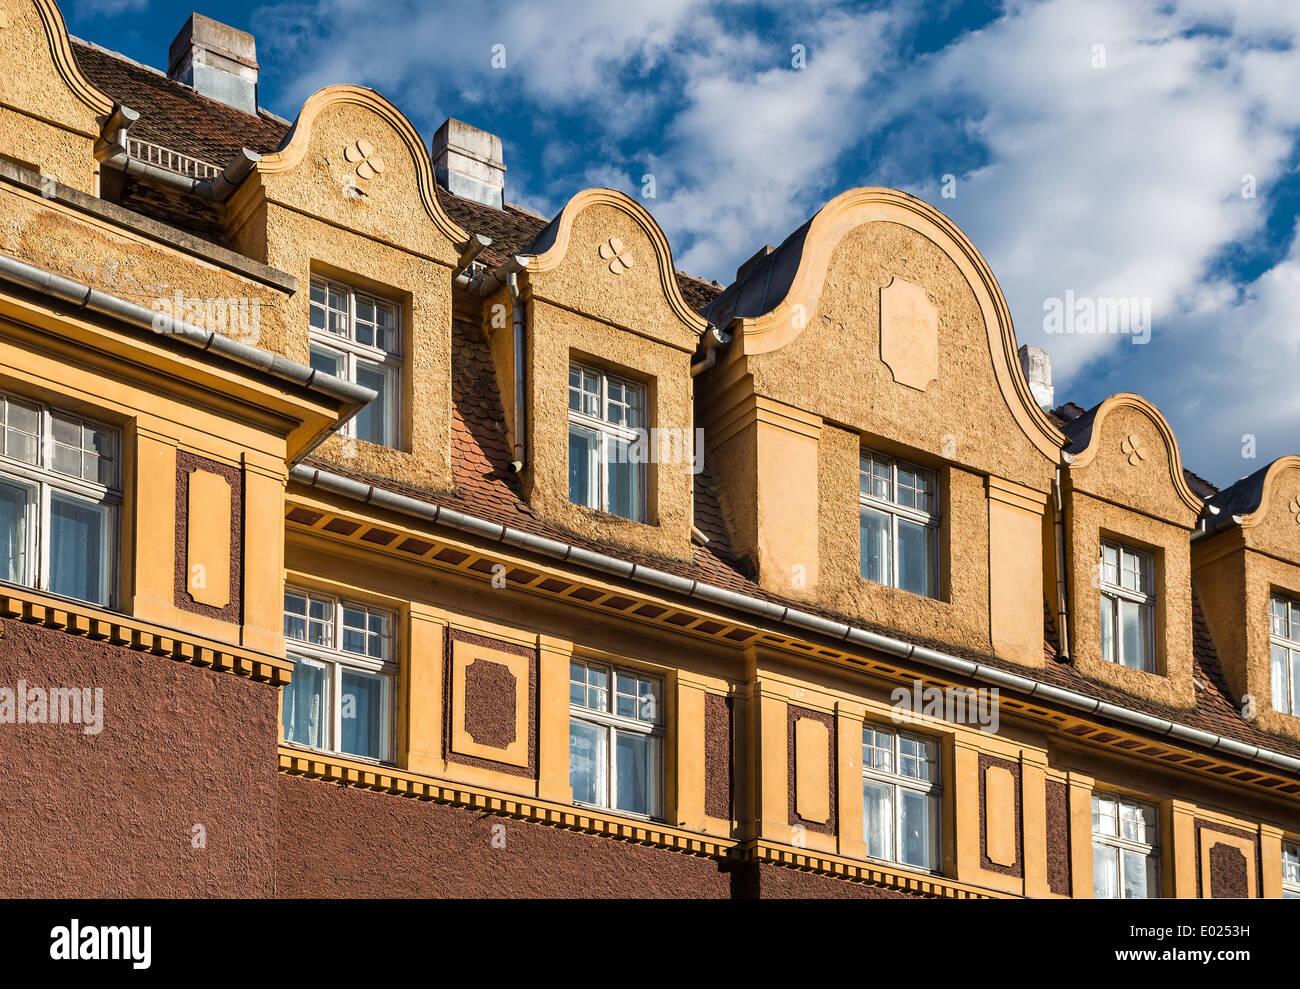 Detalle de la arquitectura barroca en la ciudad medieval de Brasov, región Transilvania en Rumanía. Imagen De Stock